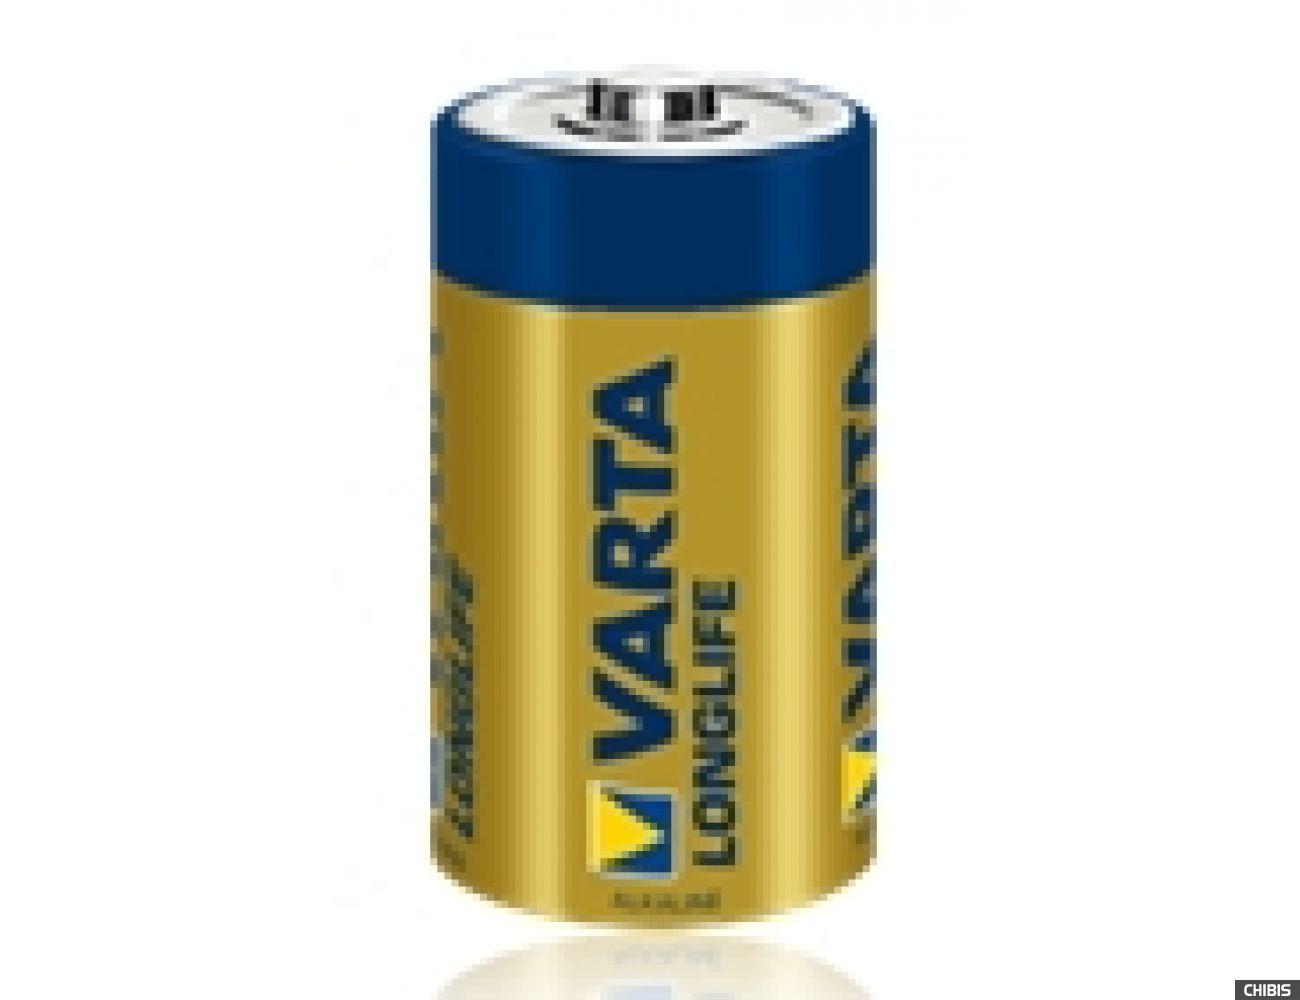 Батарейка Varta C Longlife Extra (LR14, 1.5V, Alkaline Щелочная) 04114101412  1/2 шт.